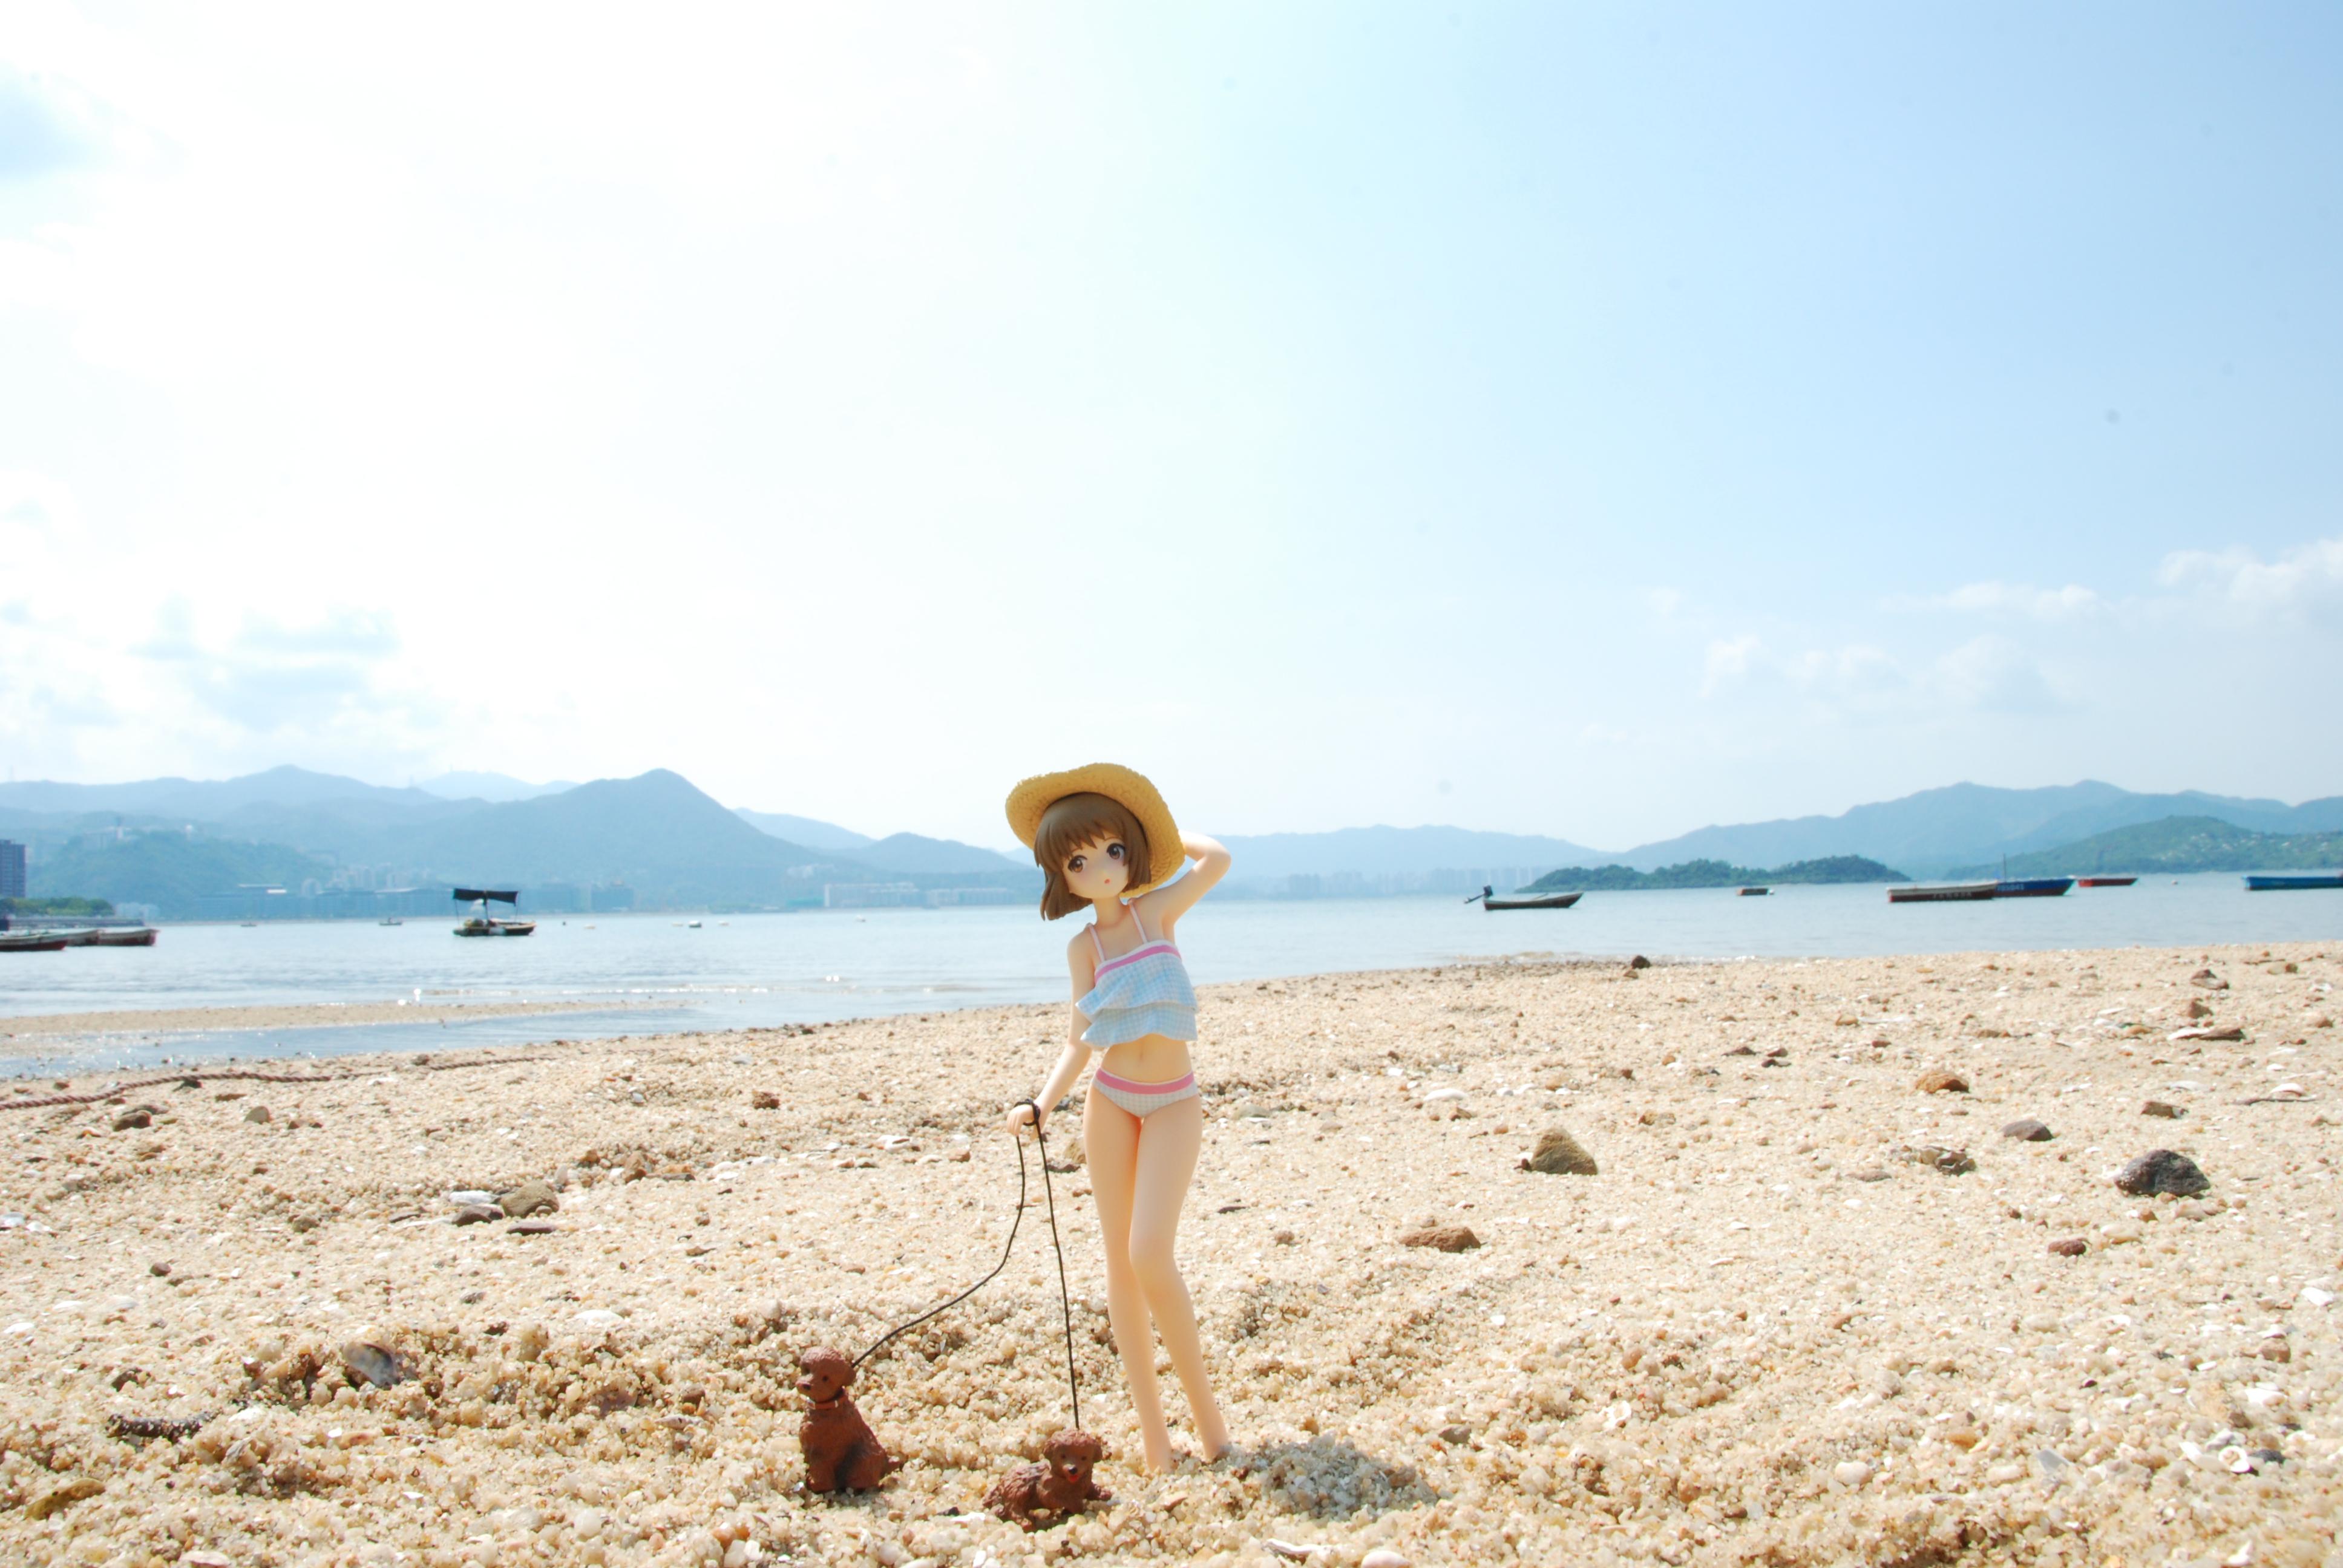 wave hagiwara_yukiho beach_queens mazaki_yuusuke the_idolmaster